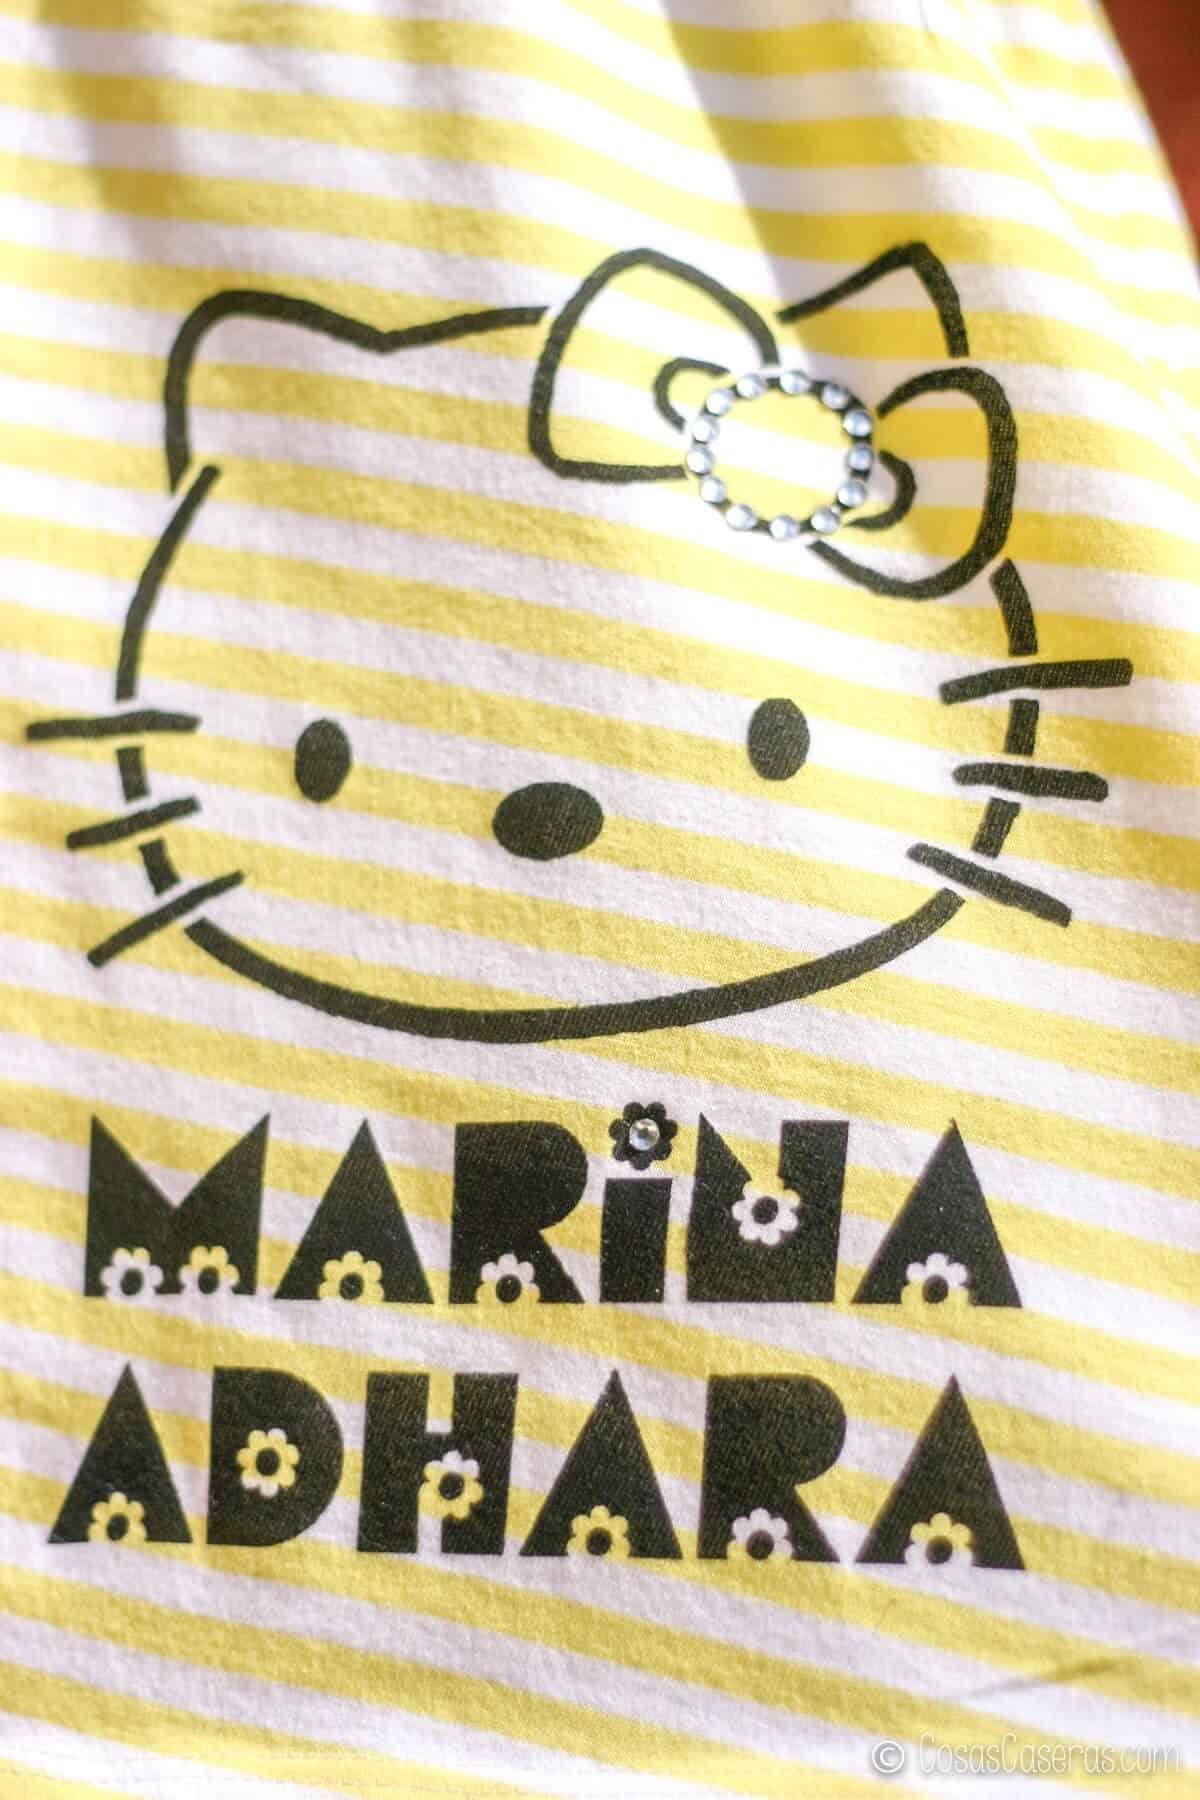 Un vestido de rayas con una imagen de Hello Kitty y el nombre Marina Adhara pintado